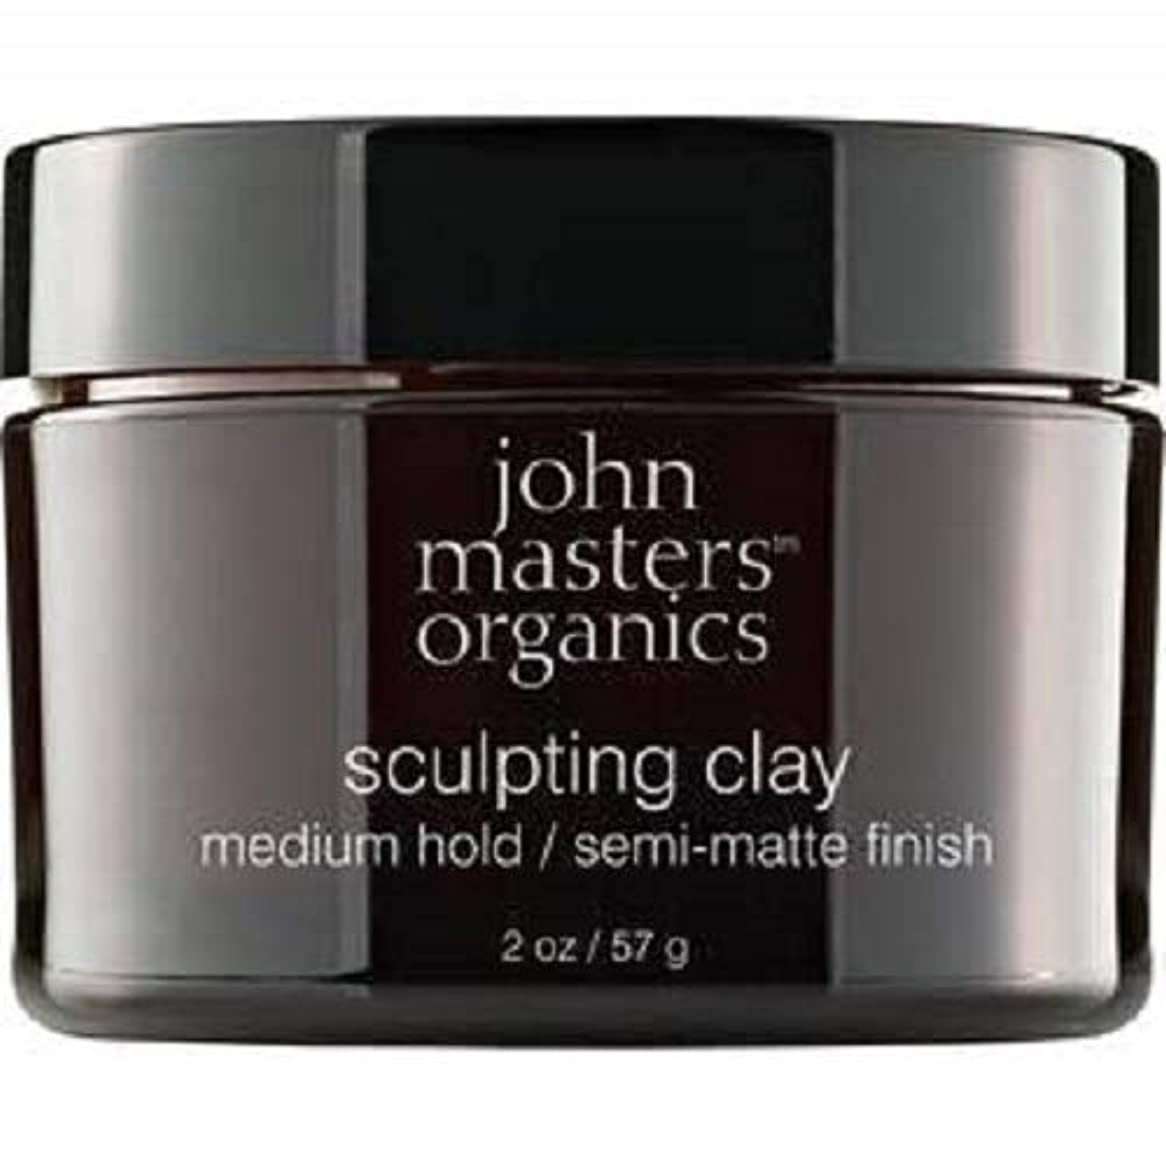 ラッカスマザーランド作り上げるJohn Masters Organics Sculpting Clay medium hold / semi-matt finish 2 OZ,57 g